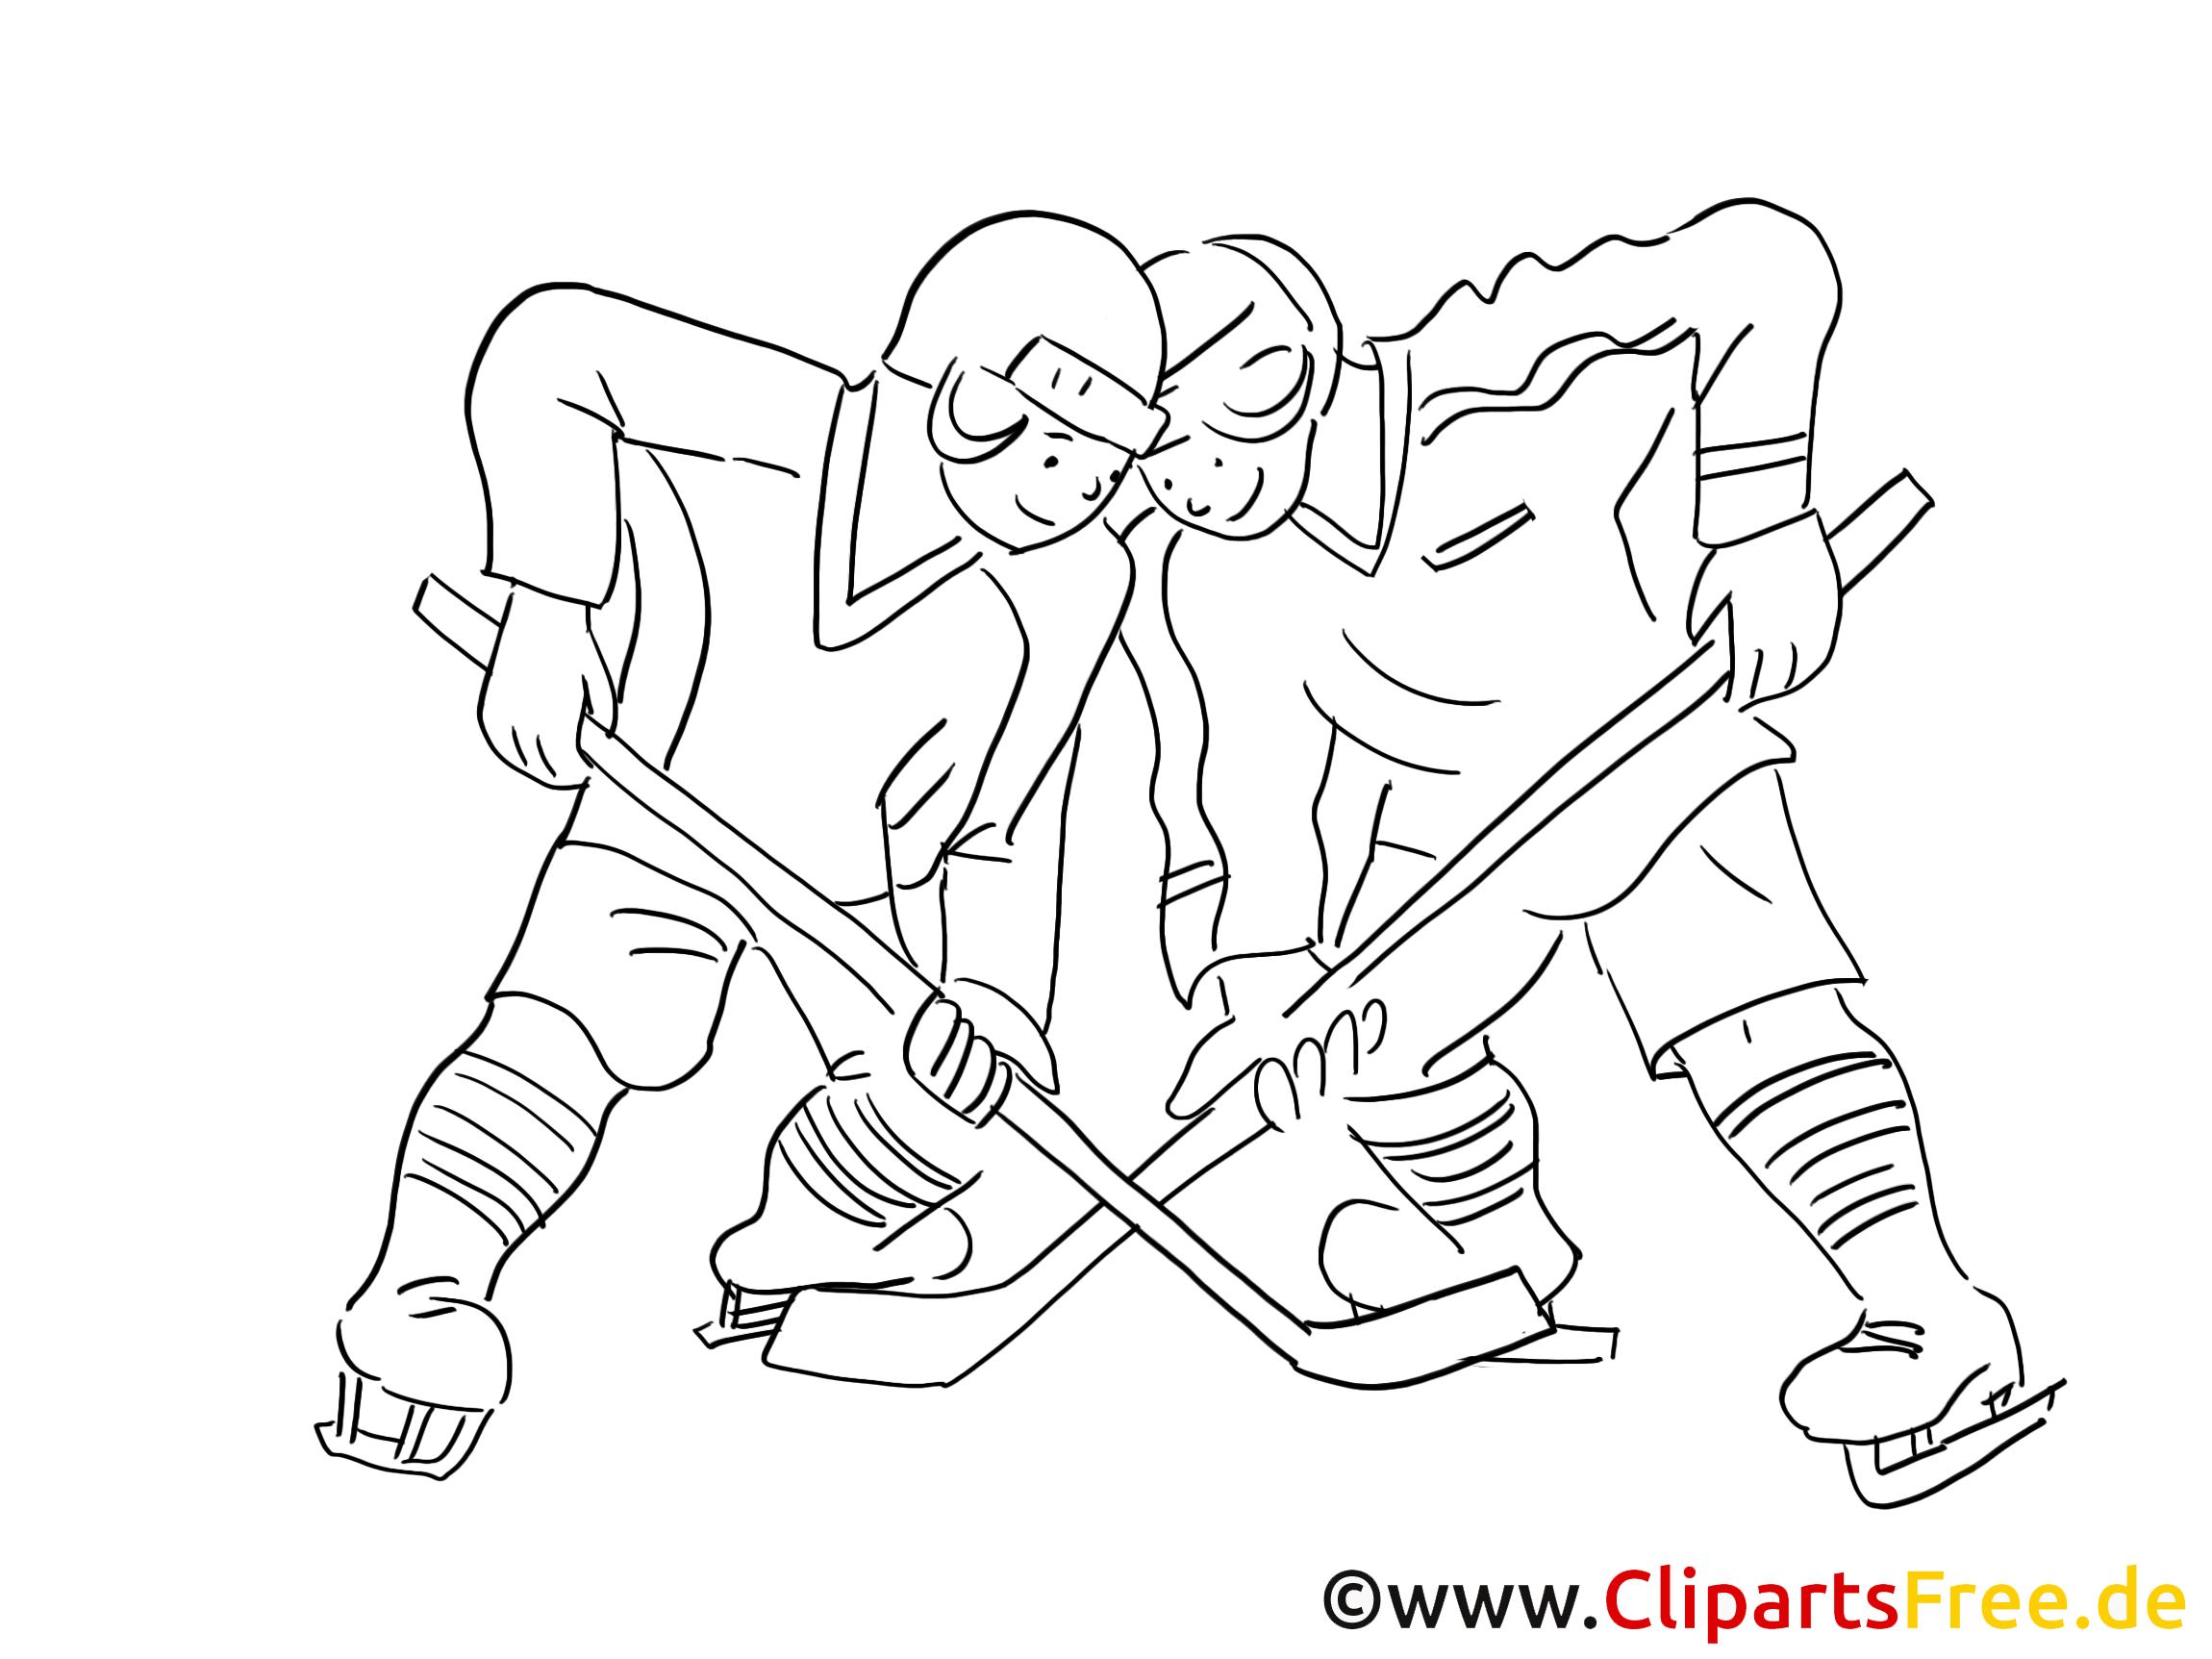 Nett Eishockey Malvorlagen Zum Ausdrucken Zeitgenössisch ...